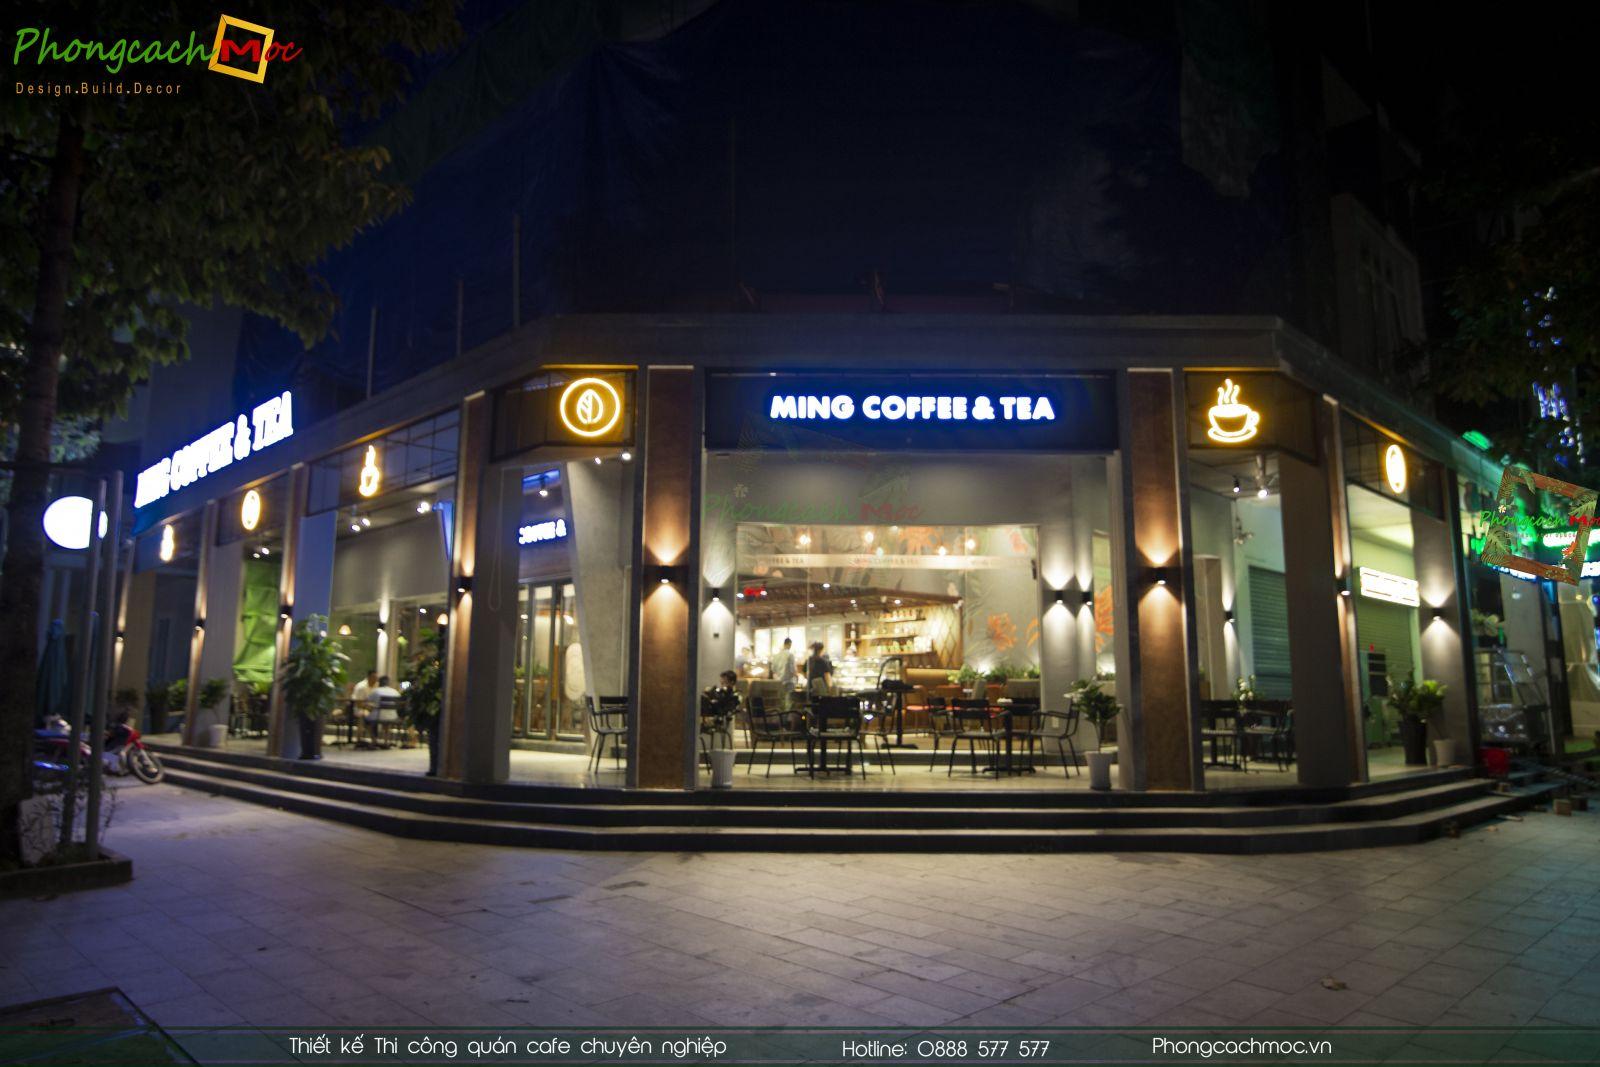 thiet-ke-thi-cong-quan-cafe-mong-coffee-binh-duong19